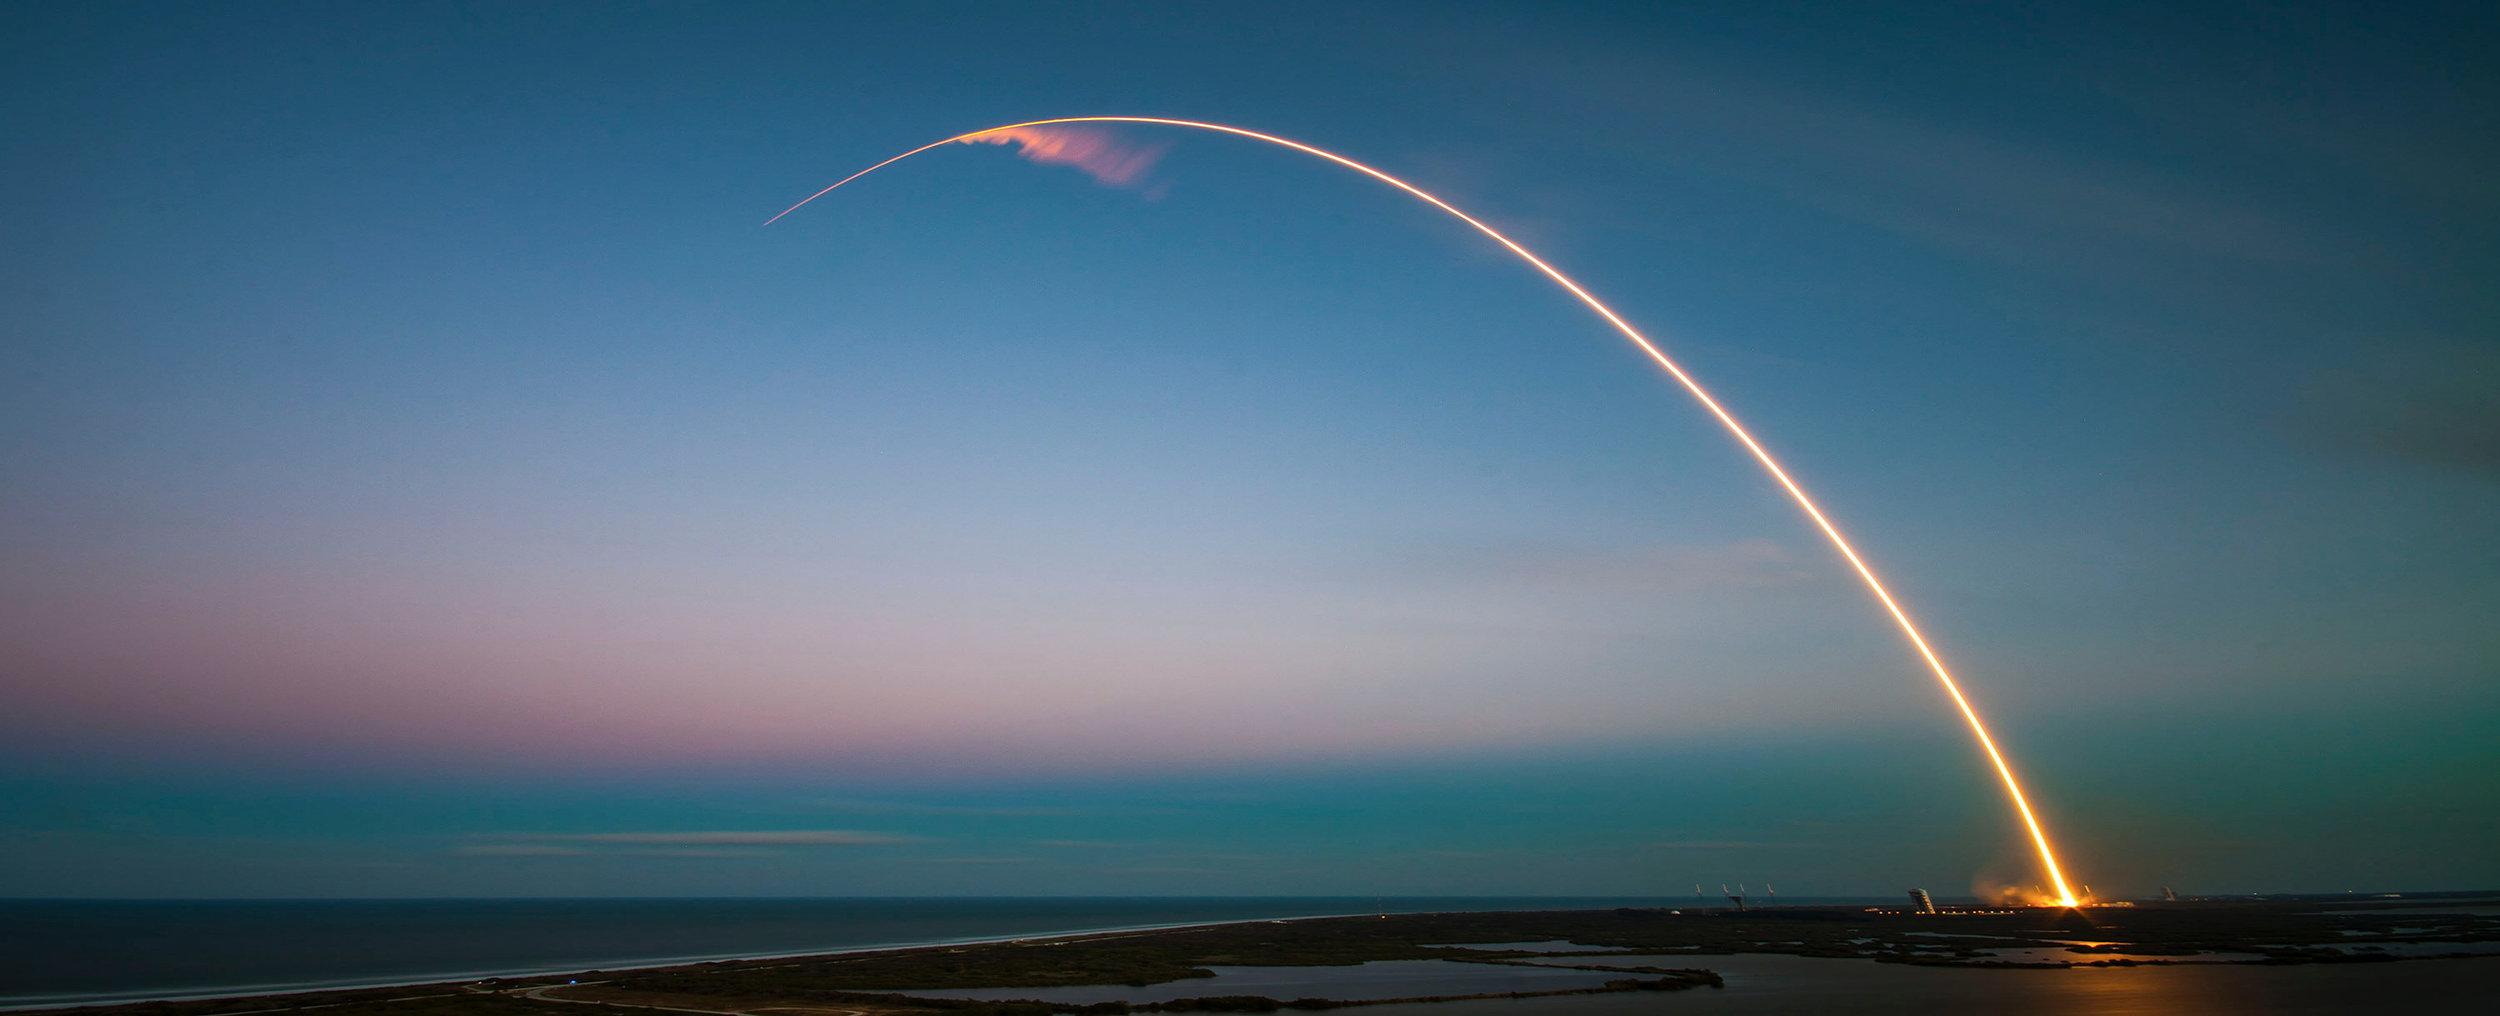 (29 giugno 2018 il Falcon 9 di SpaceX porta in orbita il modulo Dragon per la Stazione Spaziale Internazionale)